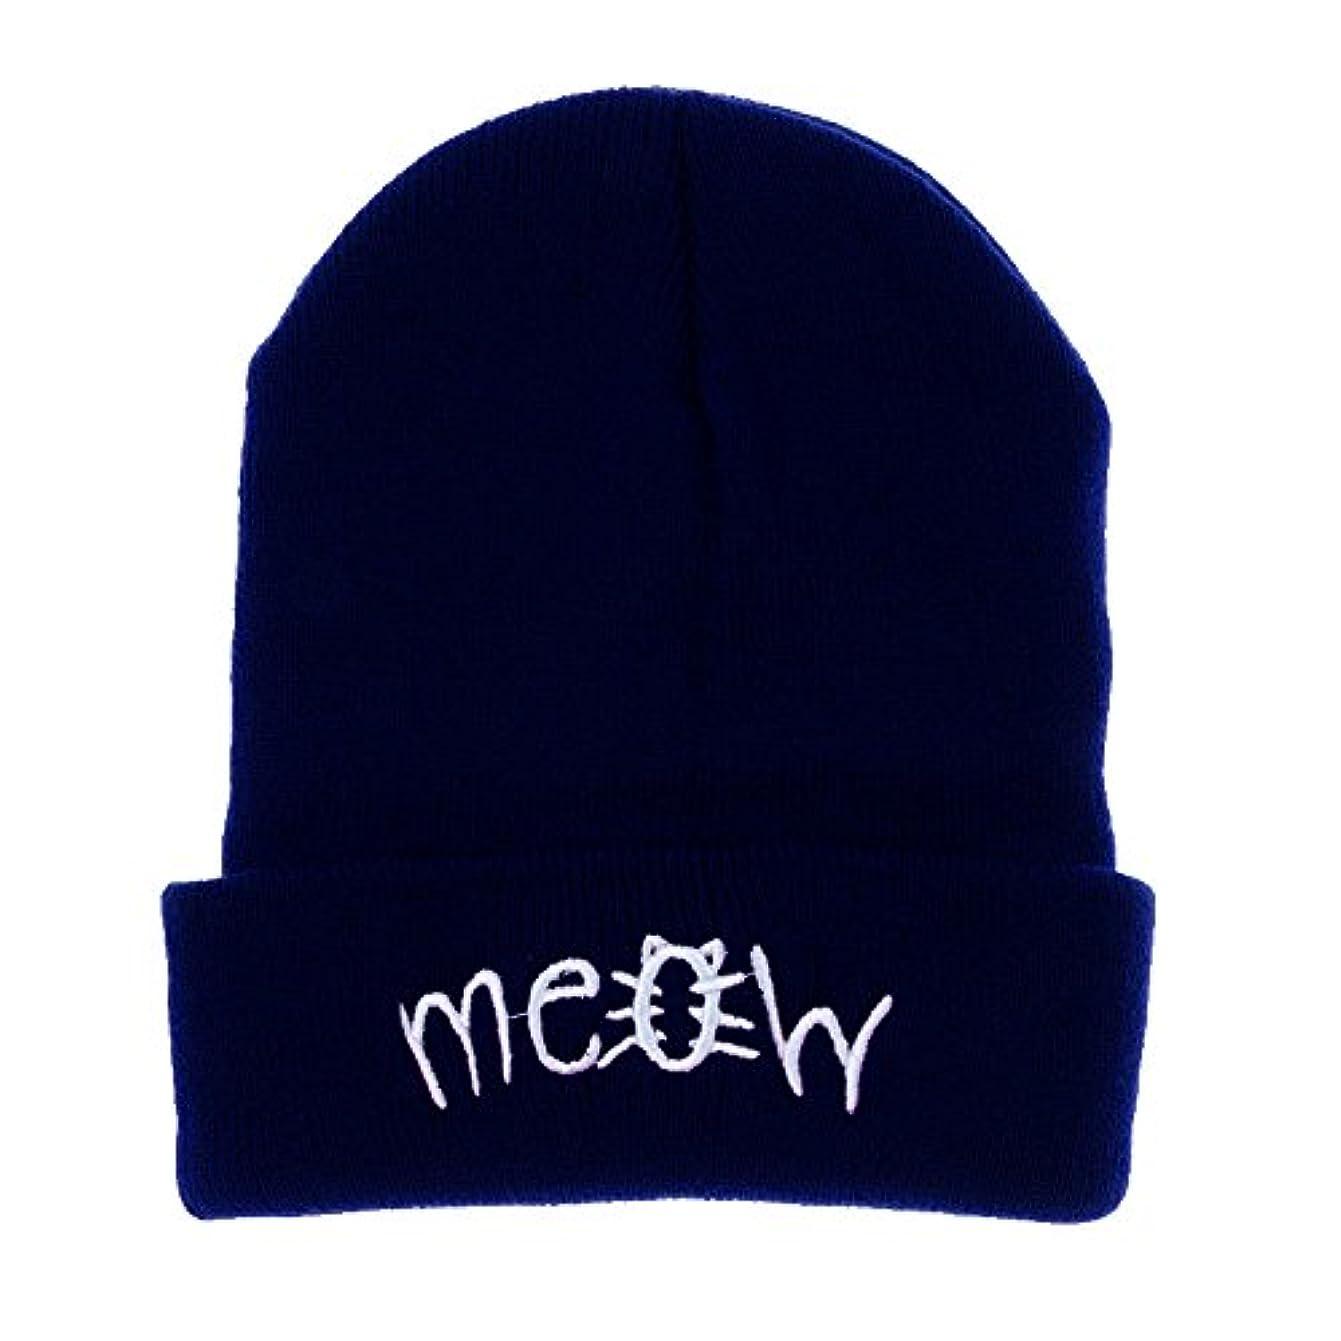 ブローホール世界的にボトルネックRacazing 選べる4色 ニット帽 縮らす 英語の刺繍 ニット帽 防寒対策 通気性のある 防風 暖かい 軽量 屋外 スキー 自転車 クリスマス 編み物 Hat 男女兼用 (ネービー)